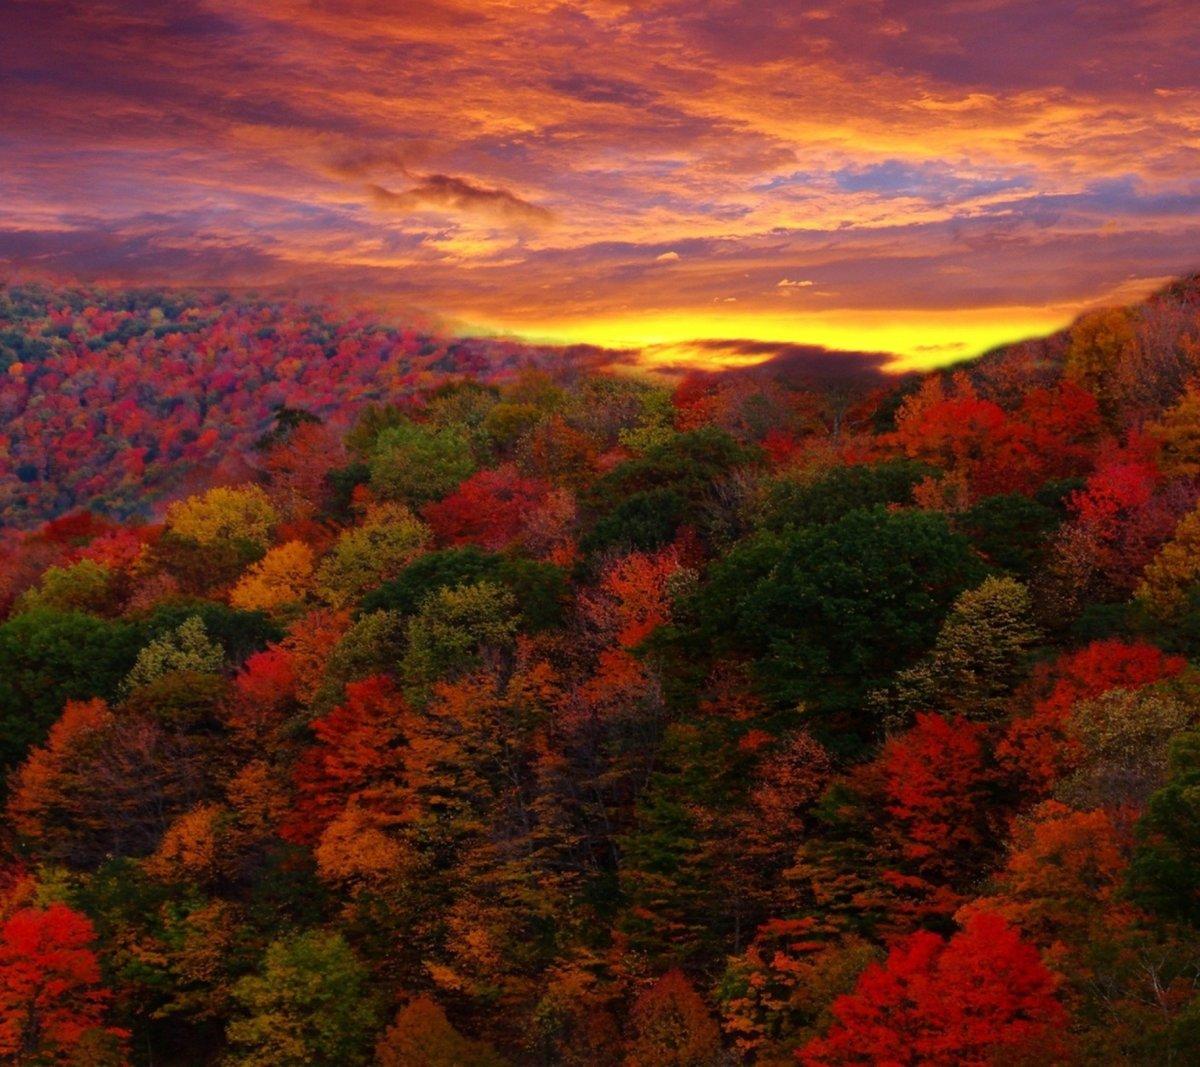 Только осень обладает настолько великолепными оттенками оранжевого, коричневого, желтого, бордового и бронзового цвета.